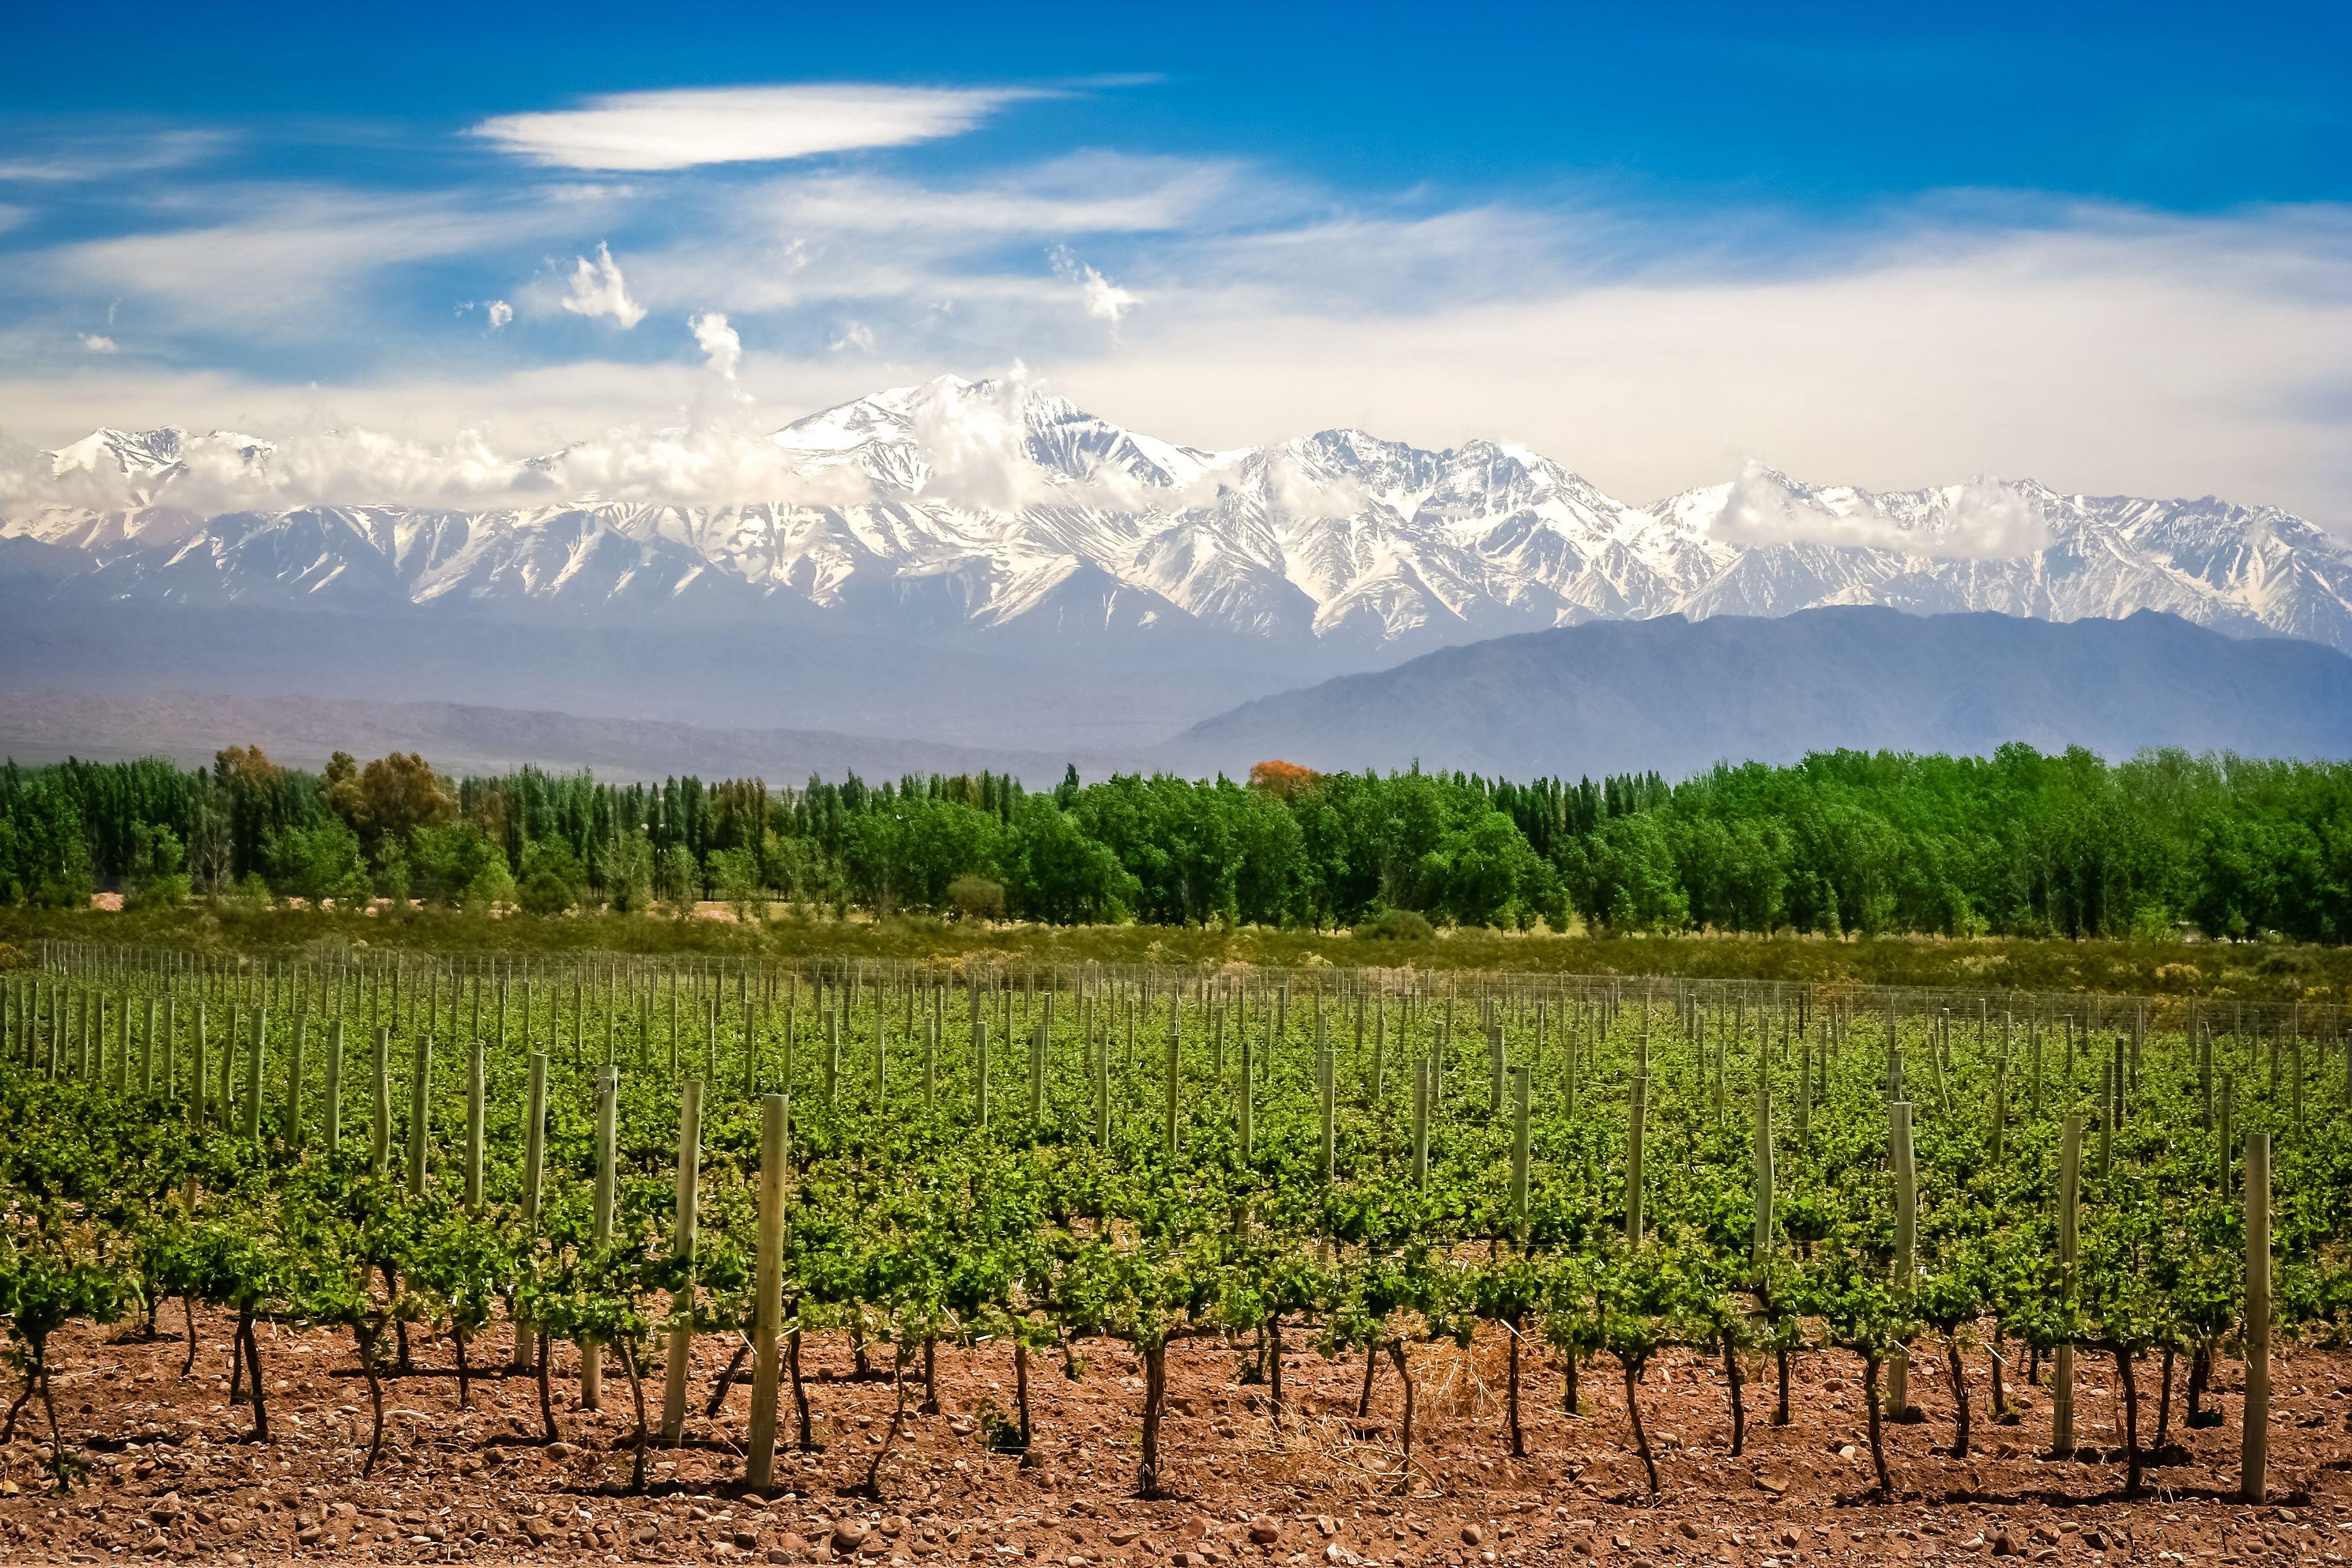 Viñedos orgánicos cerca de Mendoza en Argentina con los Andes al fondo